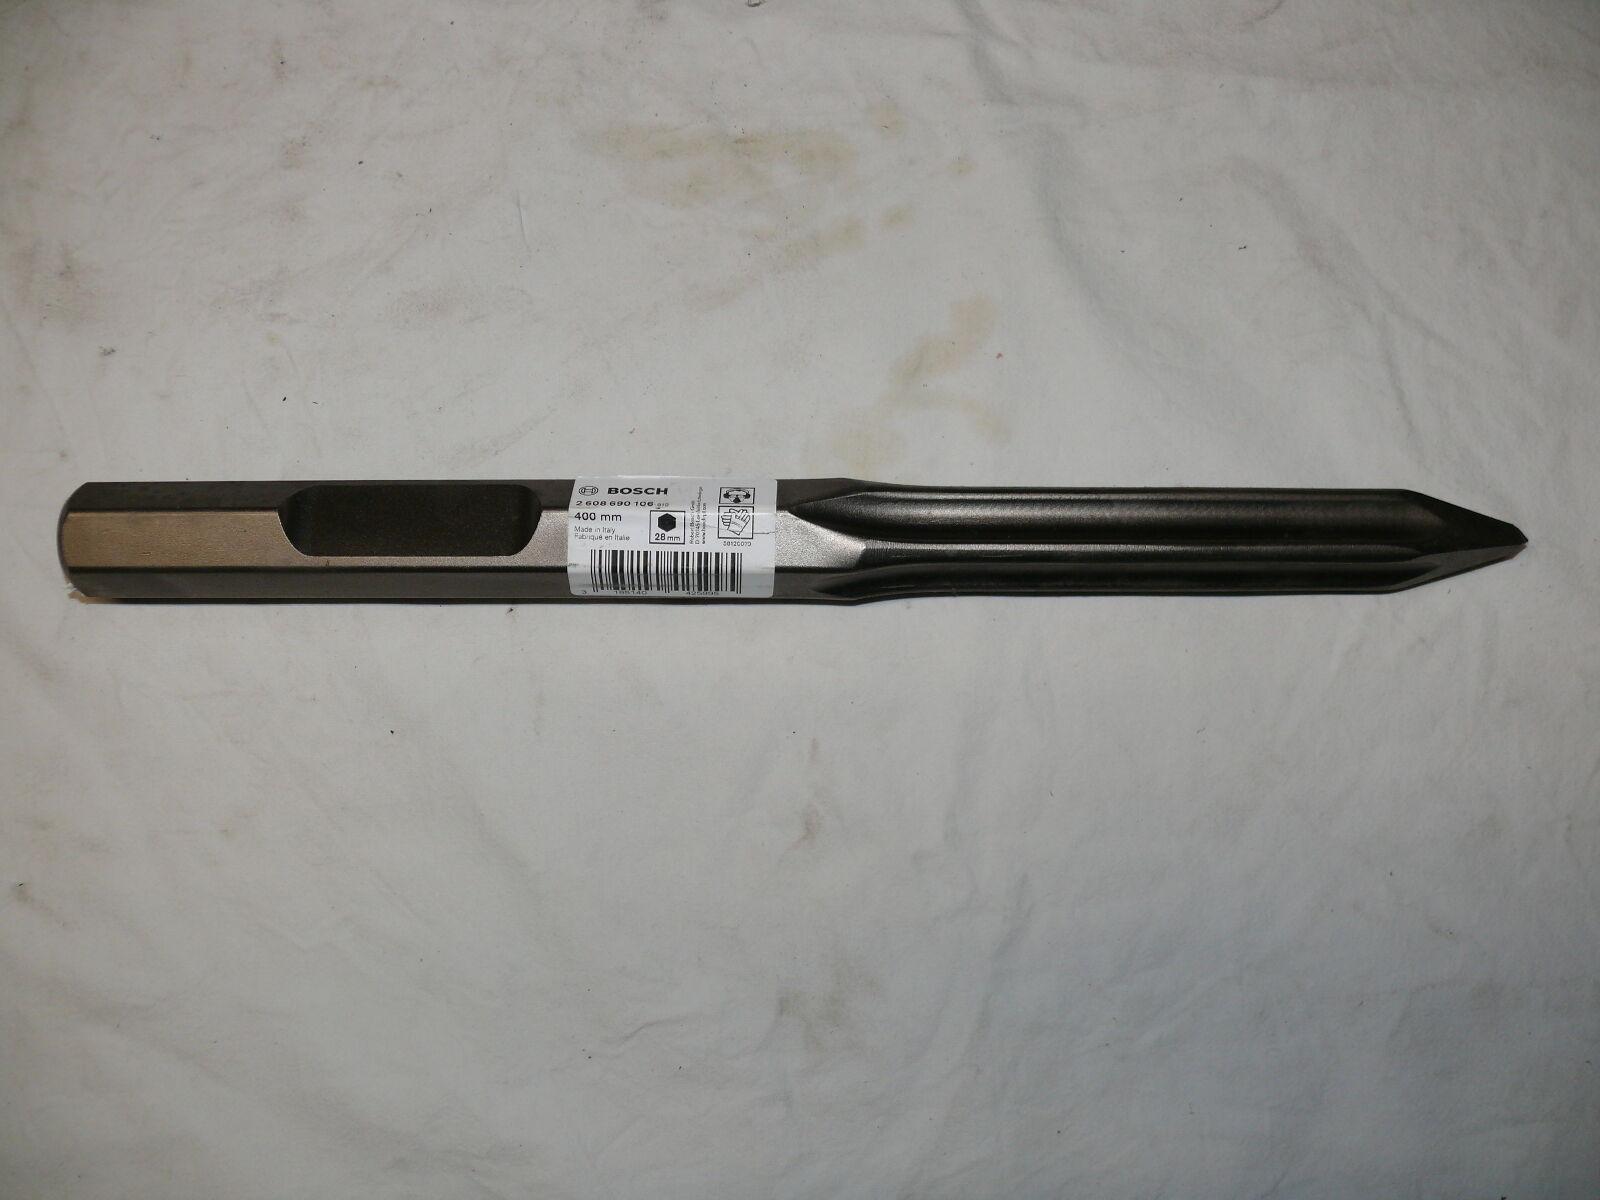 BOSCH Spitzmeißel 400 mm 2608690106 selbstschärfend für USH GSH 27 VC GSH 16-28